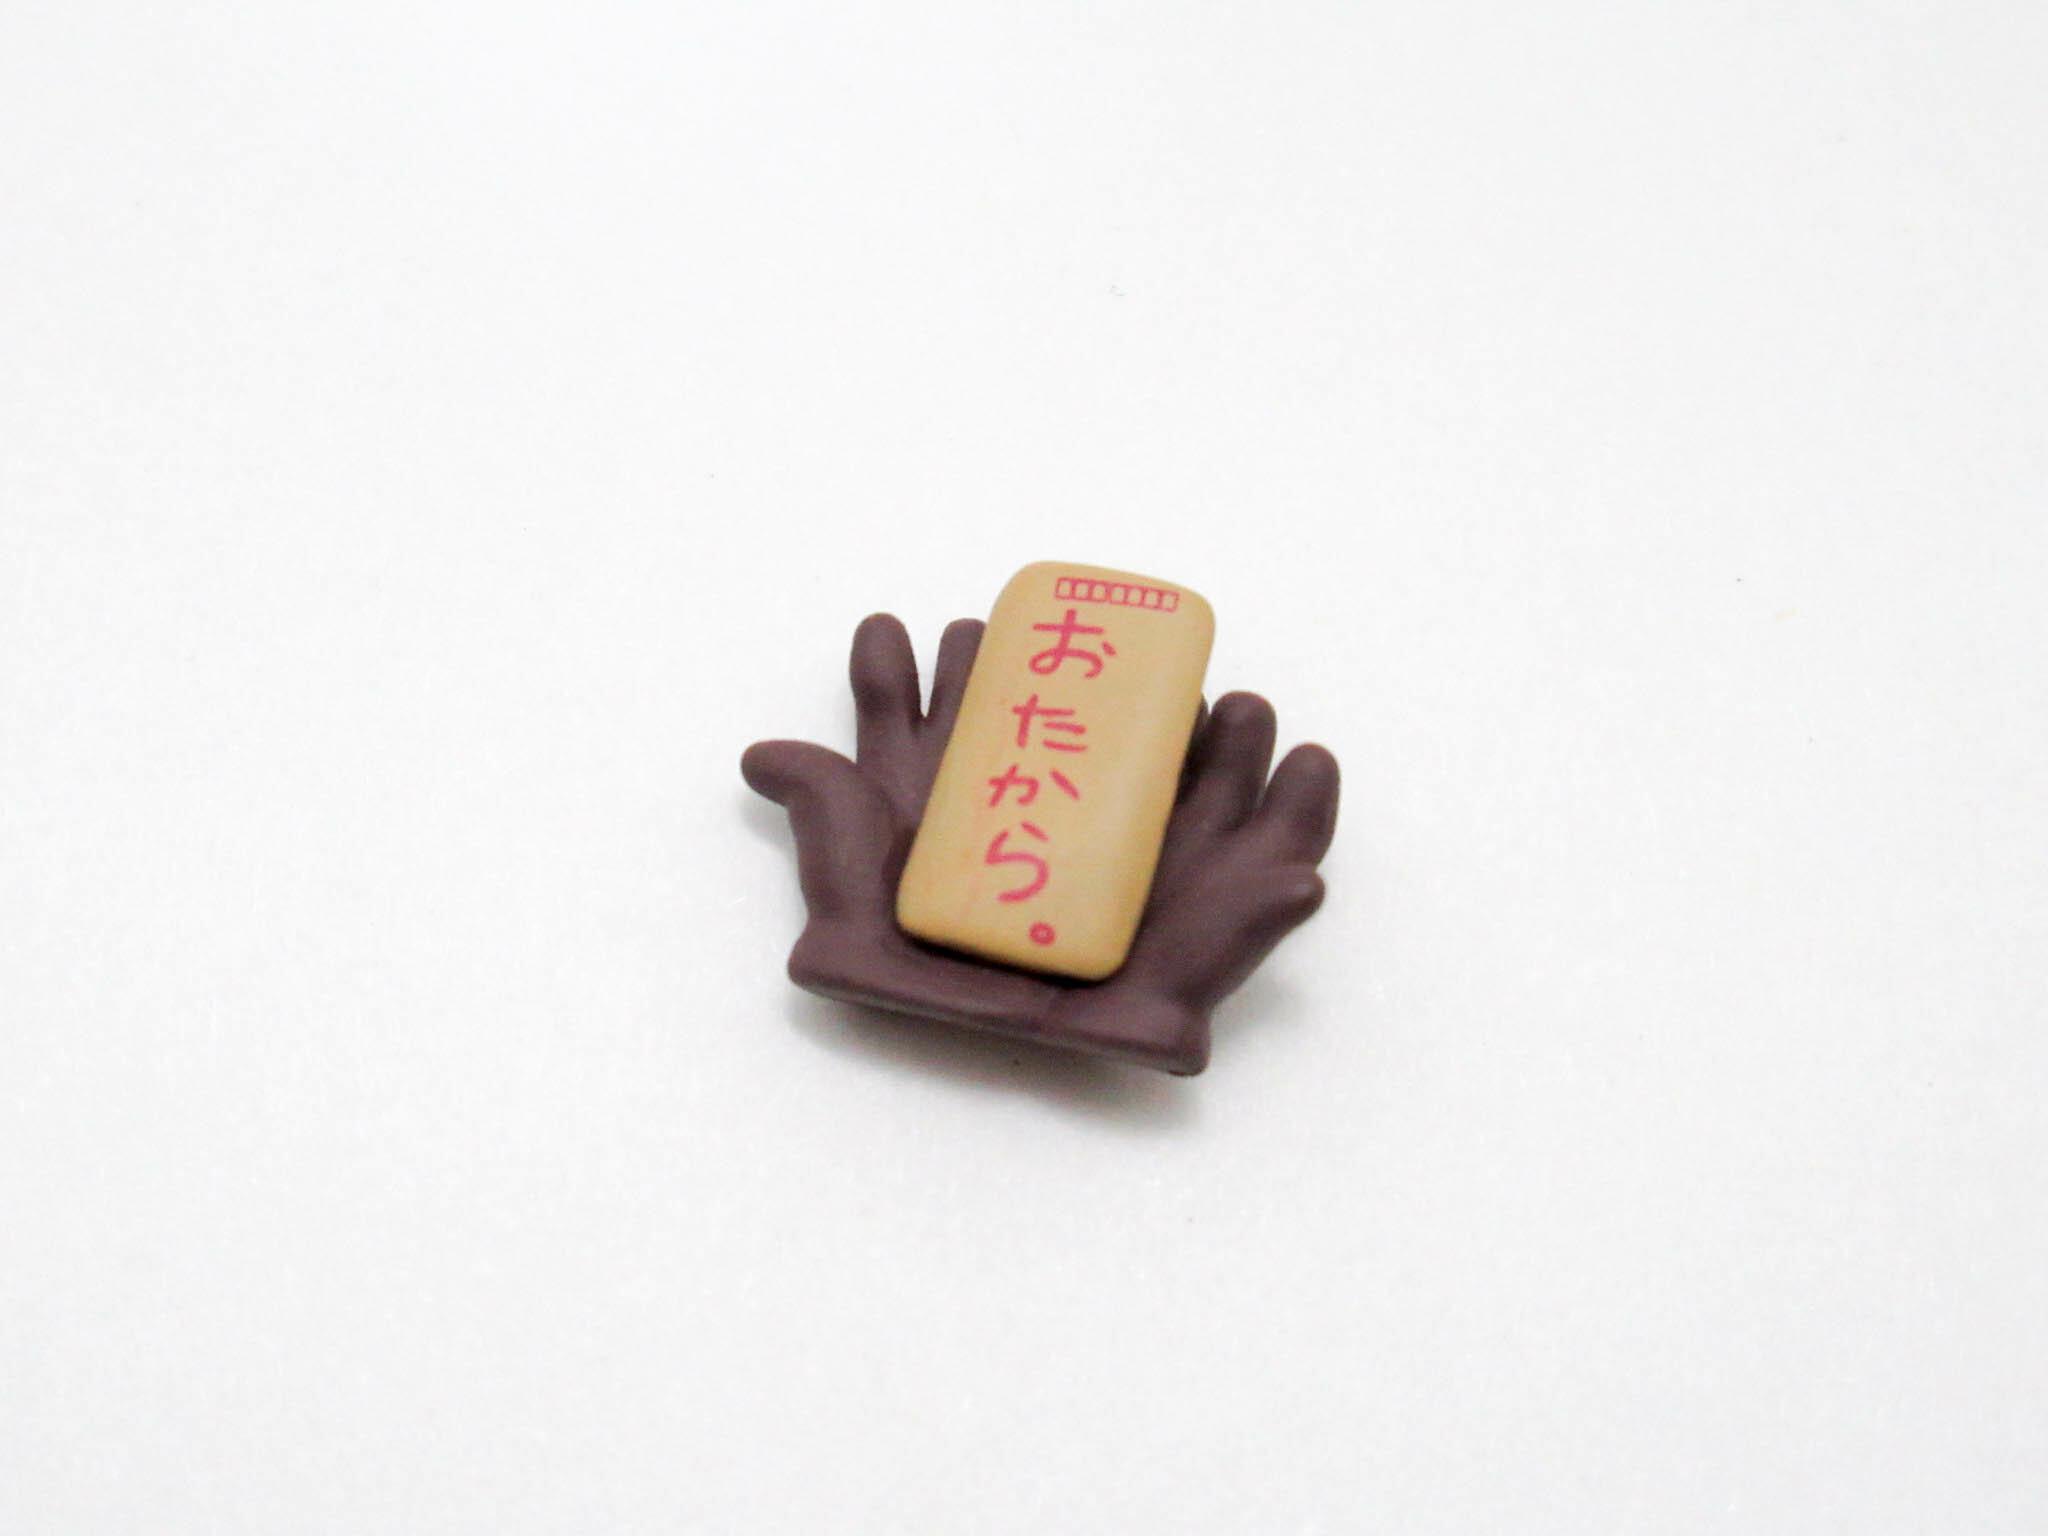 【SALE】【1006】 小淵沢報瀬 小物パーツ おたから ねんどろいど